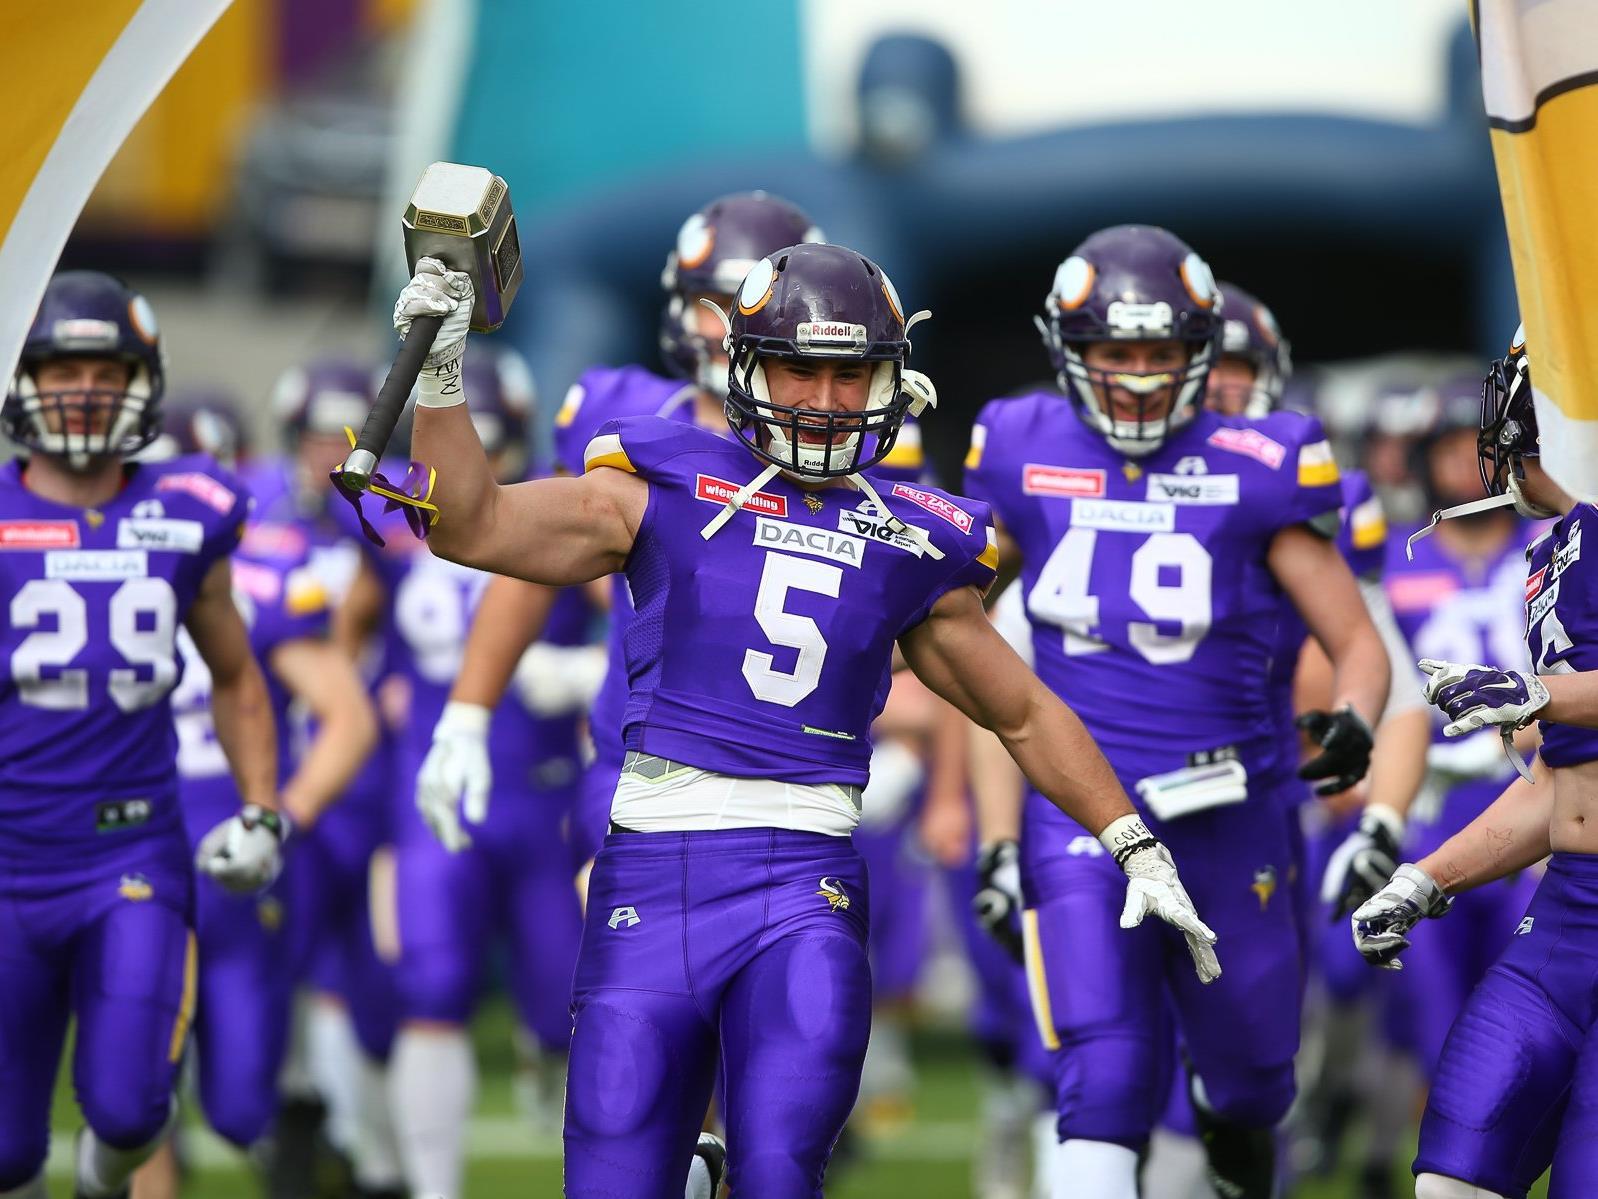 Die Vikings stehen nun an der Spitze der AFL.